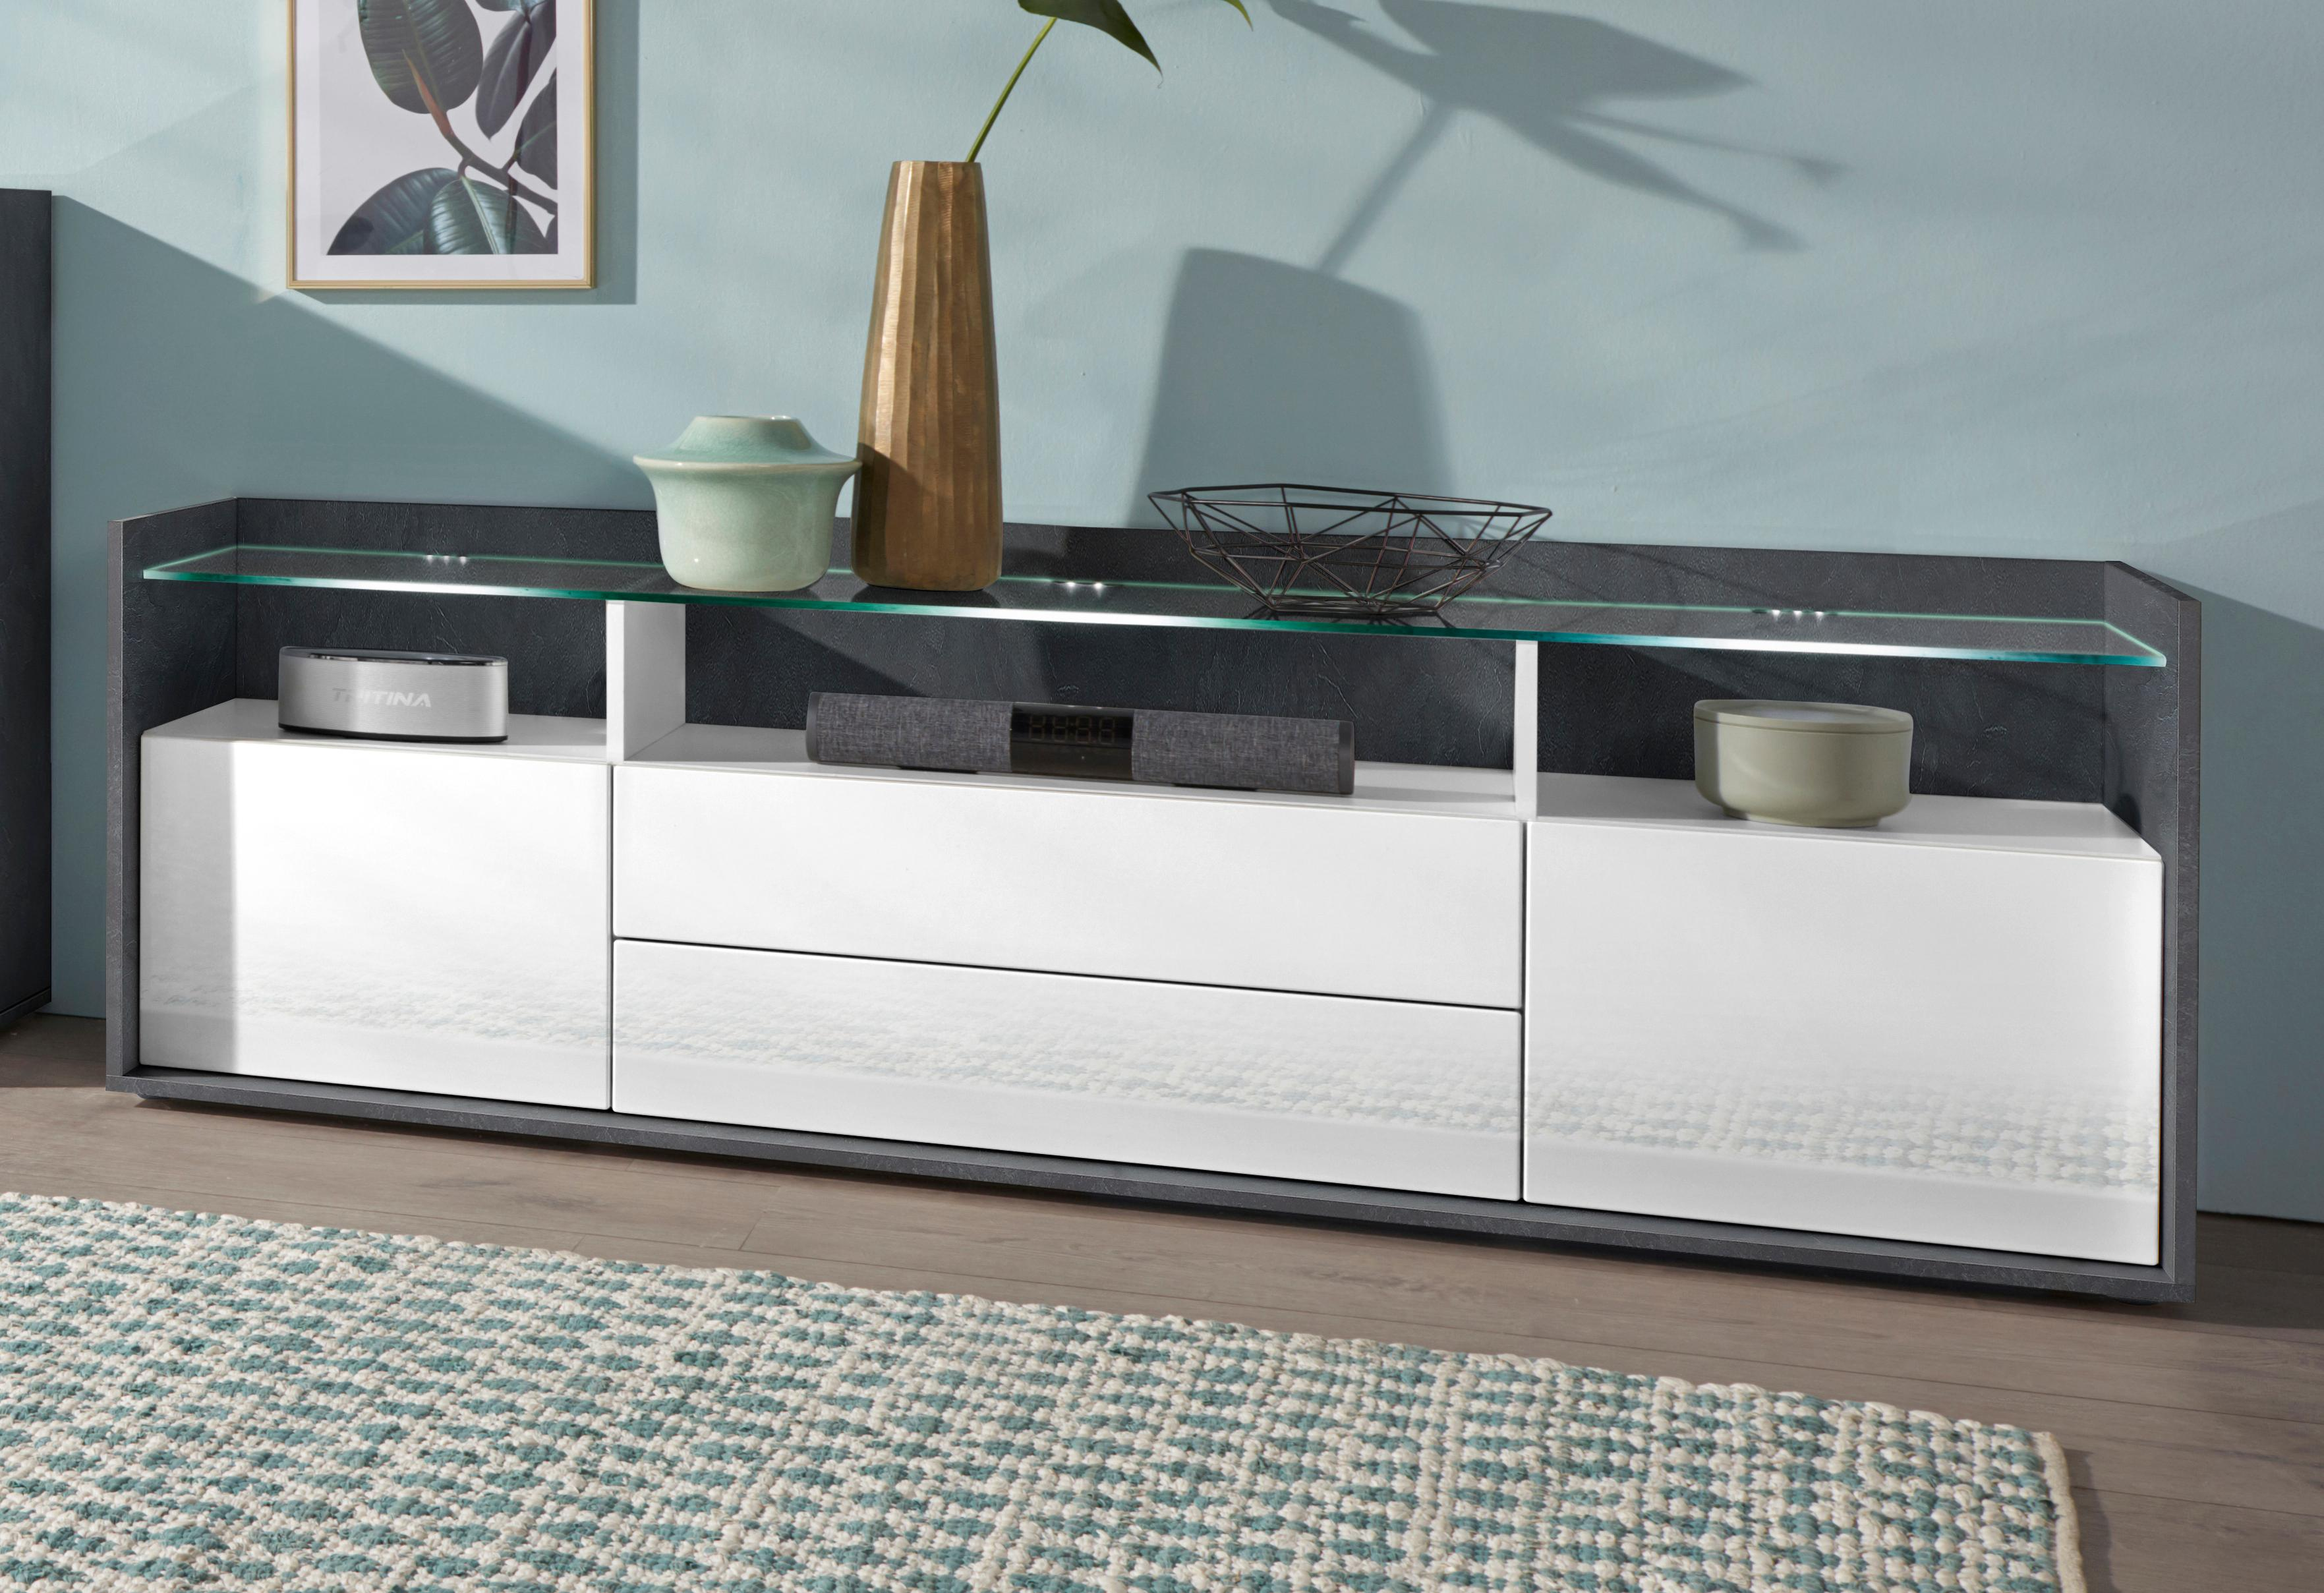 borchardt Möbel Lowboard Livorno günstig online kaufen